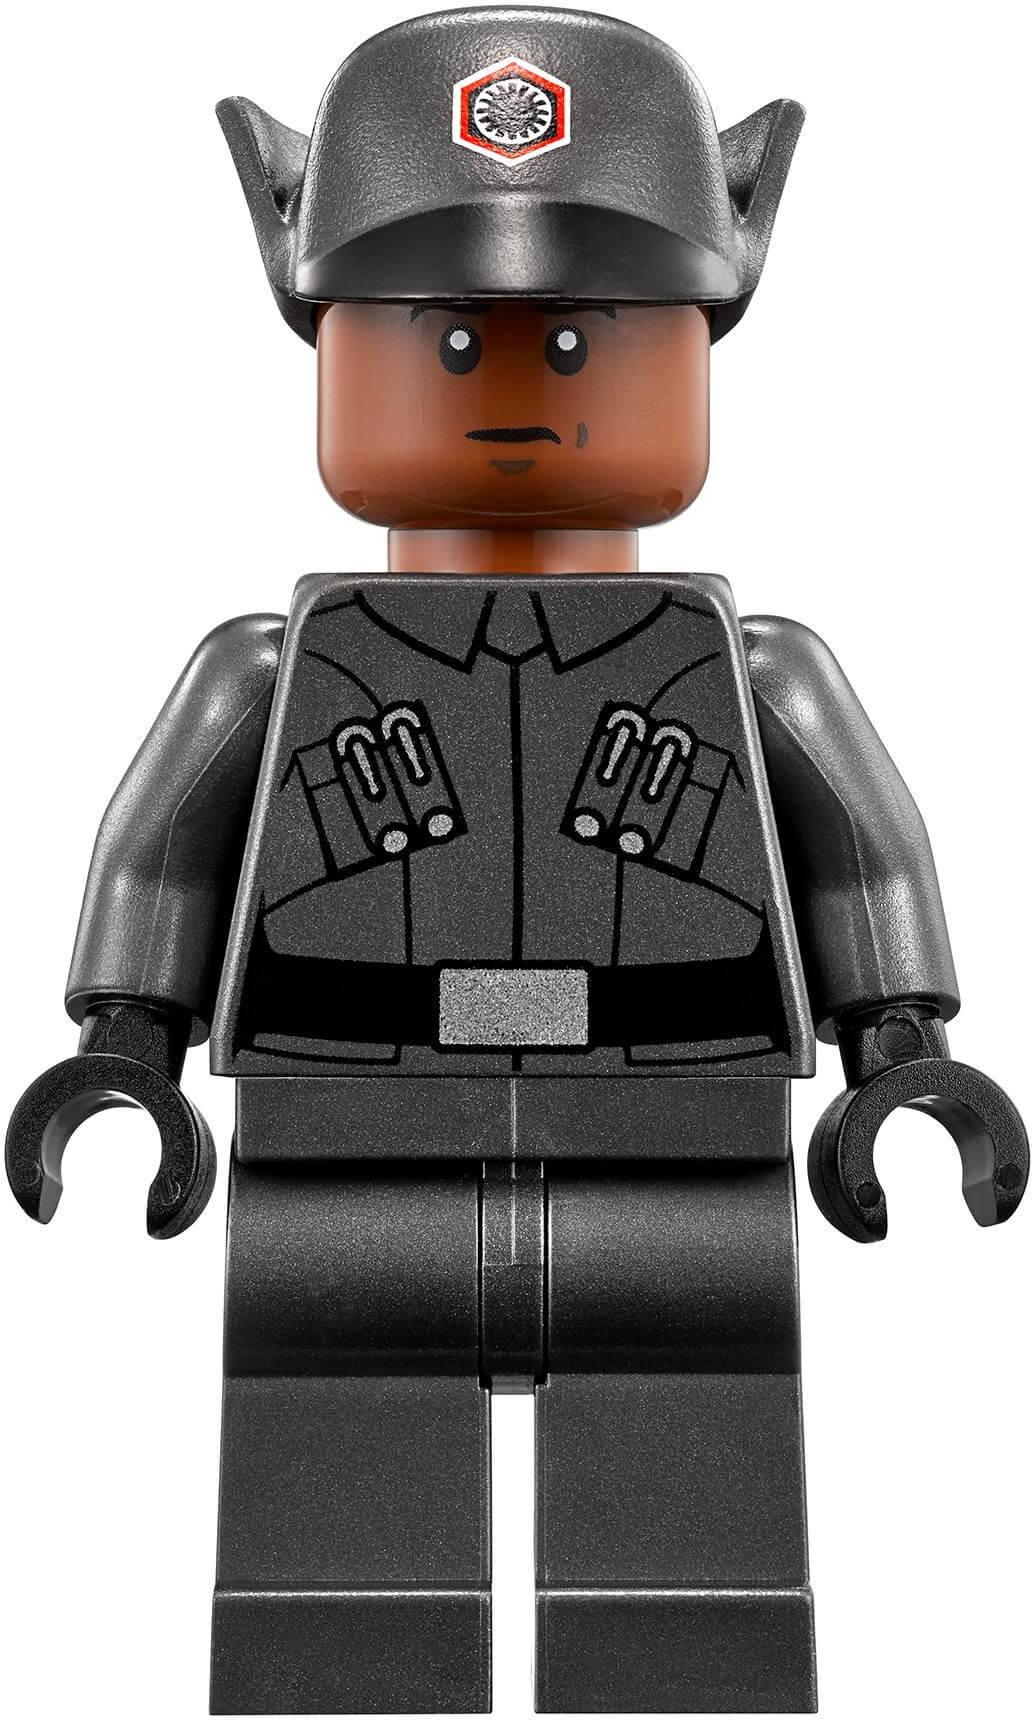 Mua đồ chơi LEGO 75201 - LEGO Star Wars 75201 - AT-ST Robot Do Thám First Order (LEGO Star Wars 75201 First Order AT-ST)